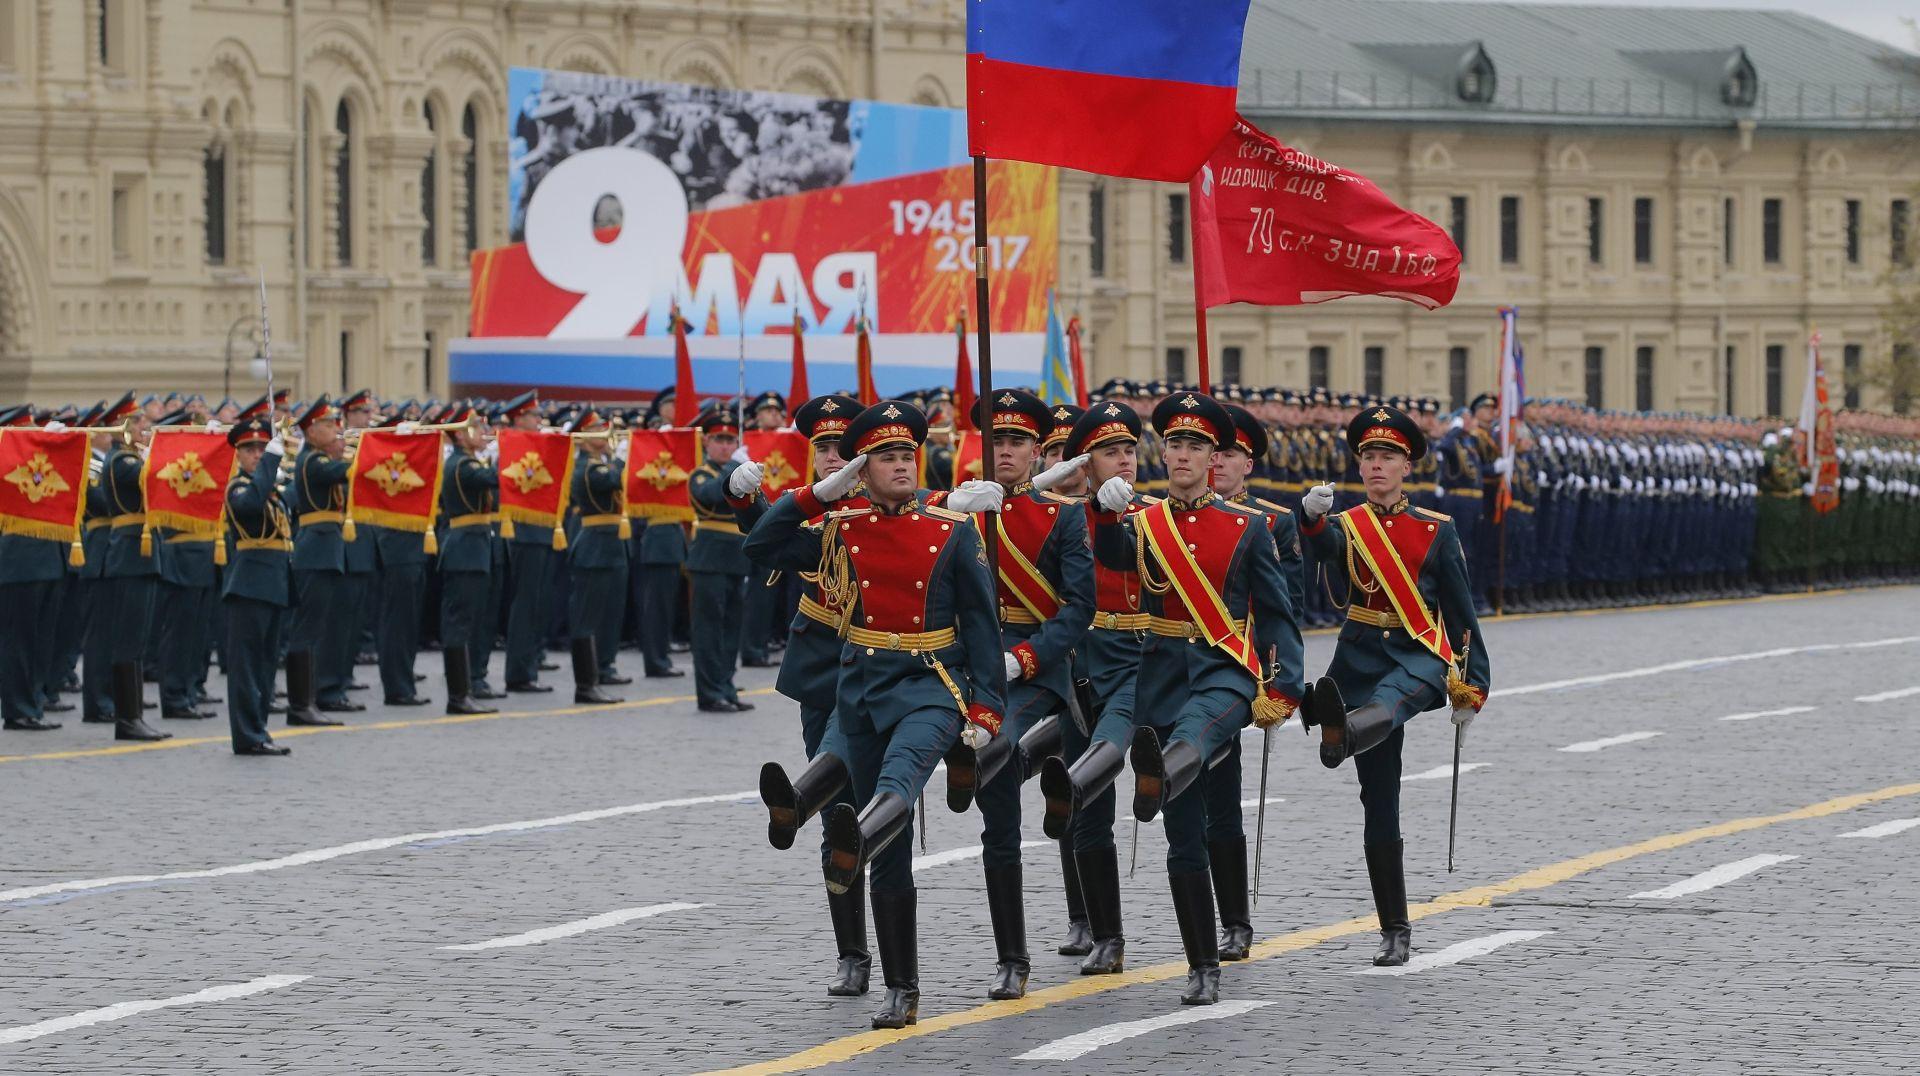 PUTIN 'Nema te sile koja može porobiti ruski narod'